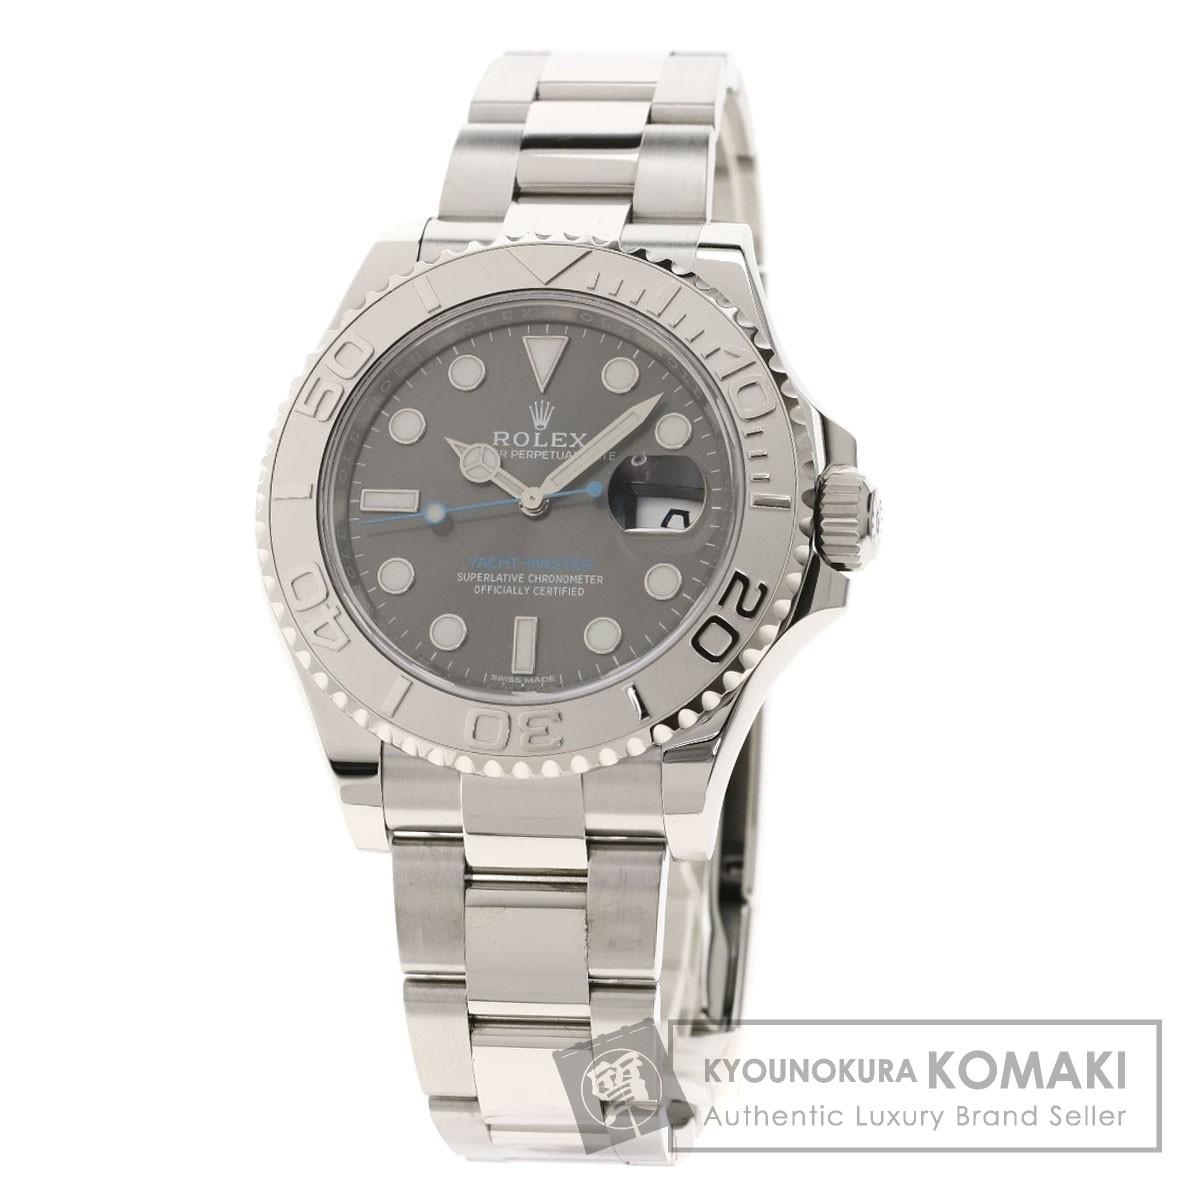 大人気新品 ロレックス 116622 ヨットマスター ダークロレジウム 腕時計 ステンレススチール/SS/PT メンズ 【】【ROLEX】, カゴシマシ c614bed8